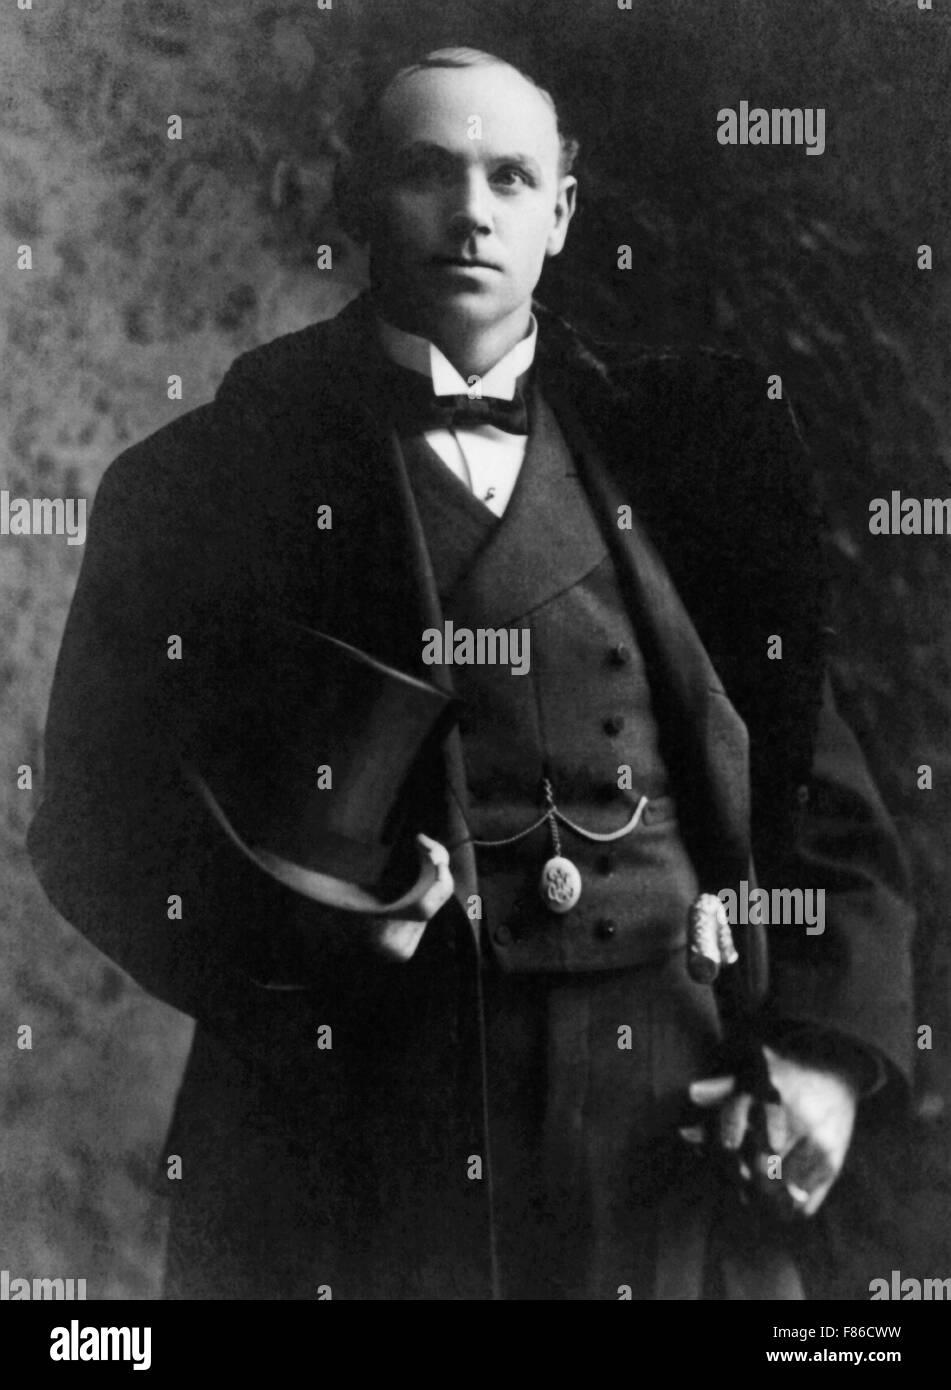 Vintage Portrait Photo Of Boxer Bob Fitzsimmons 1863